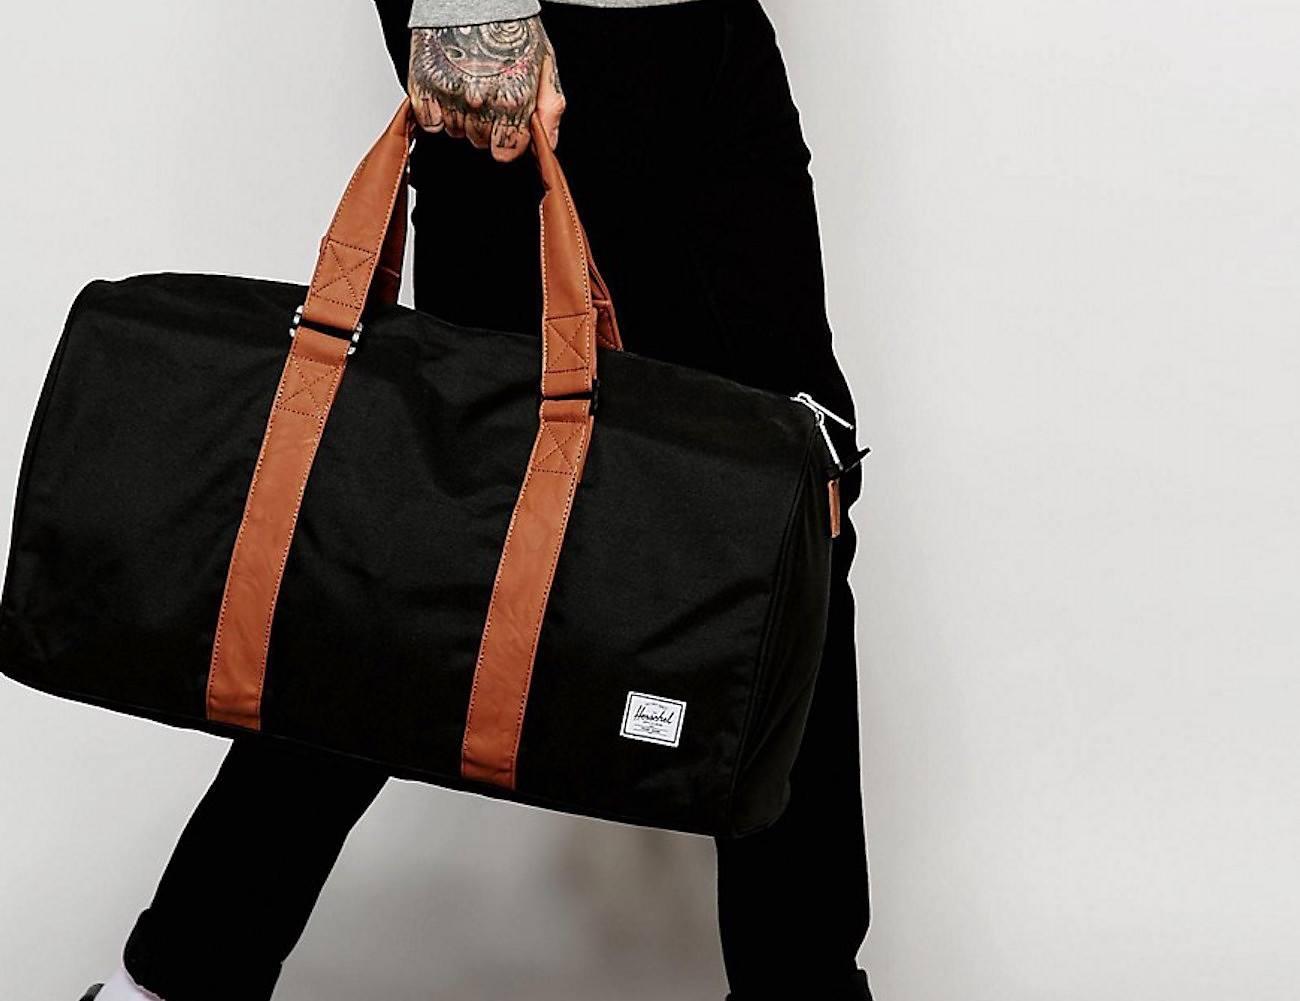 Herschel Duffle Bag | Duffle Bag Herschel | Cheap Herschel Duffle Bag